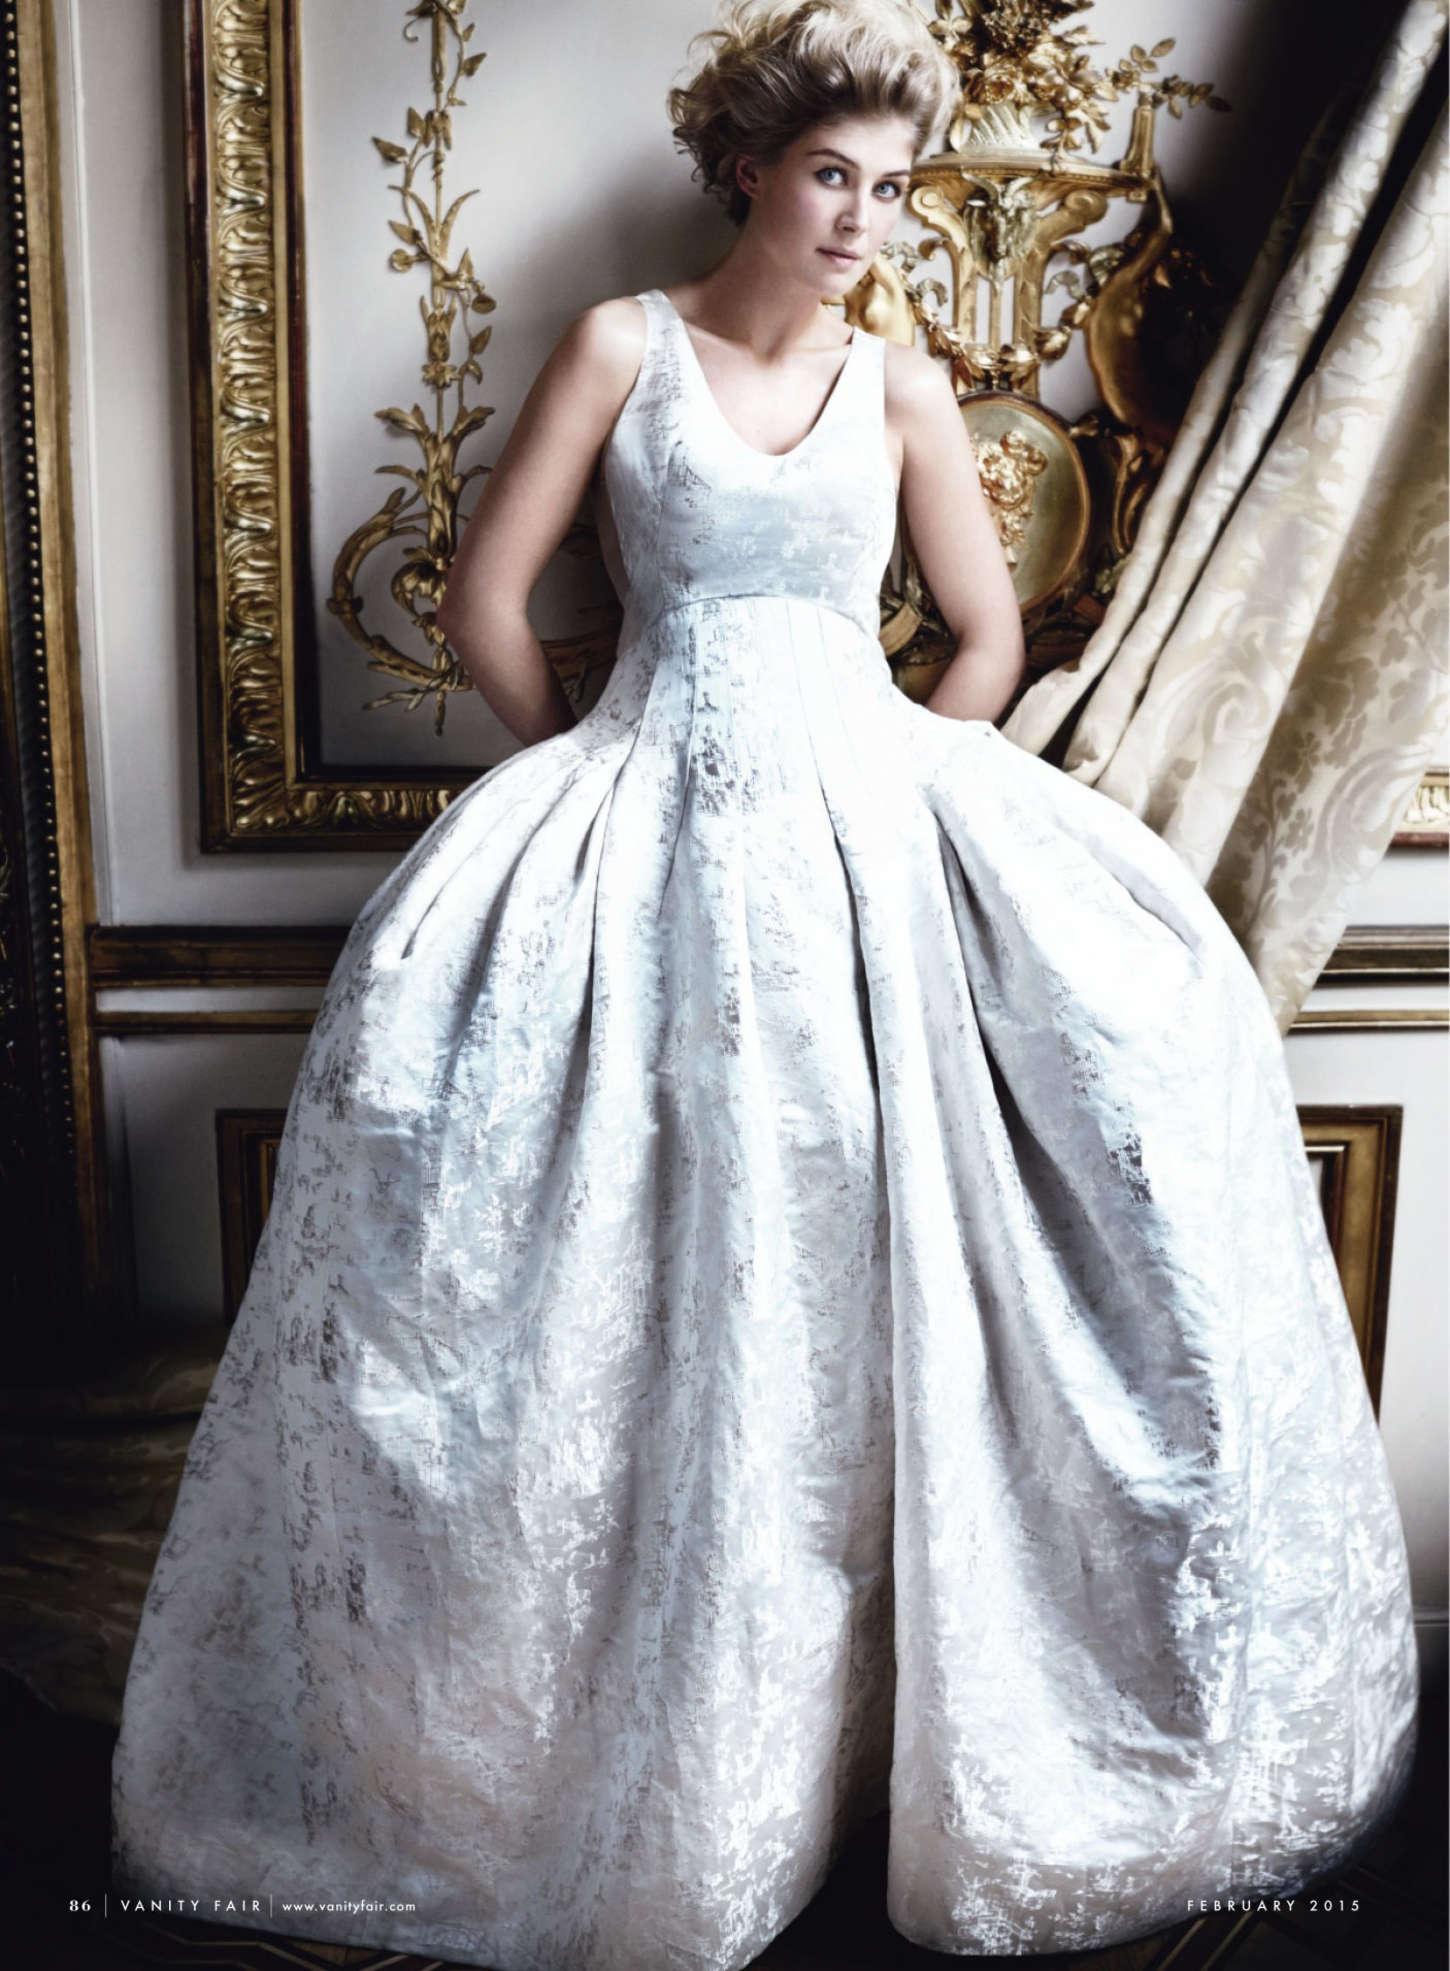 Rosamund Pike 2015 : Rosamund Pike: Vanity Fair 2015 -05